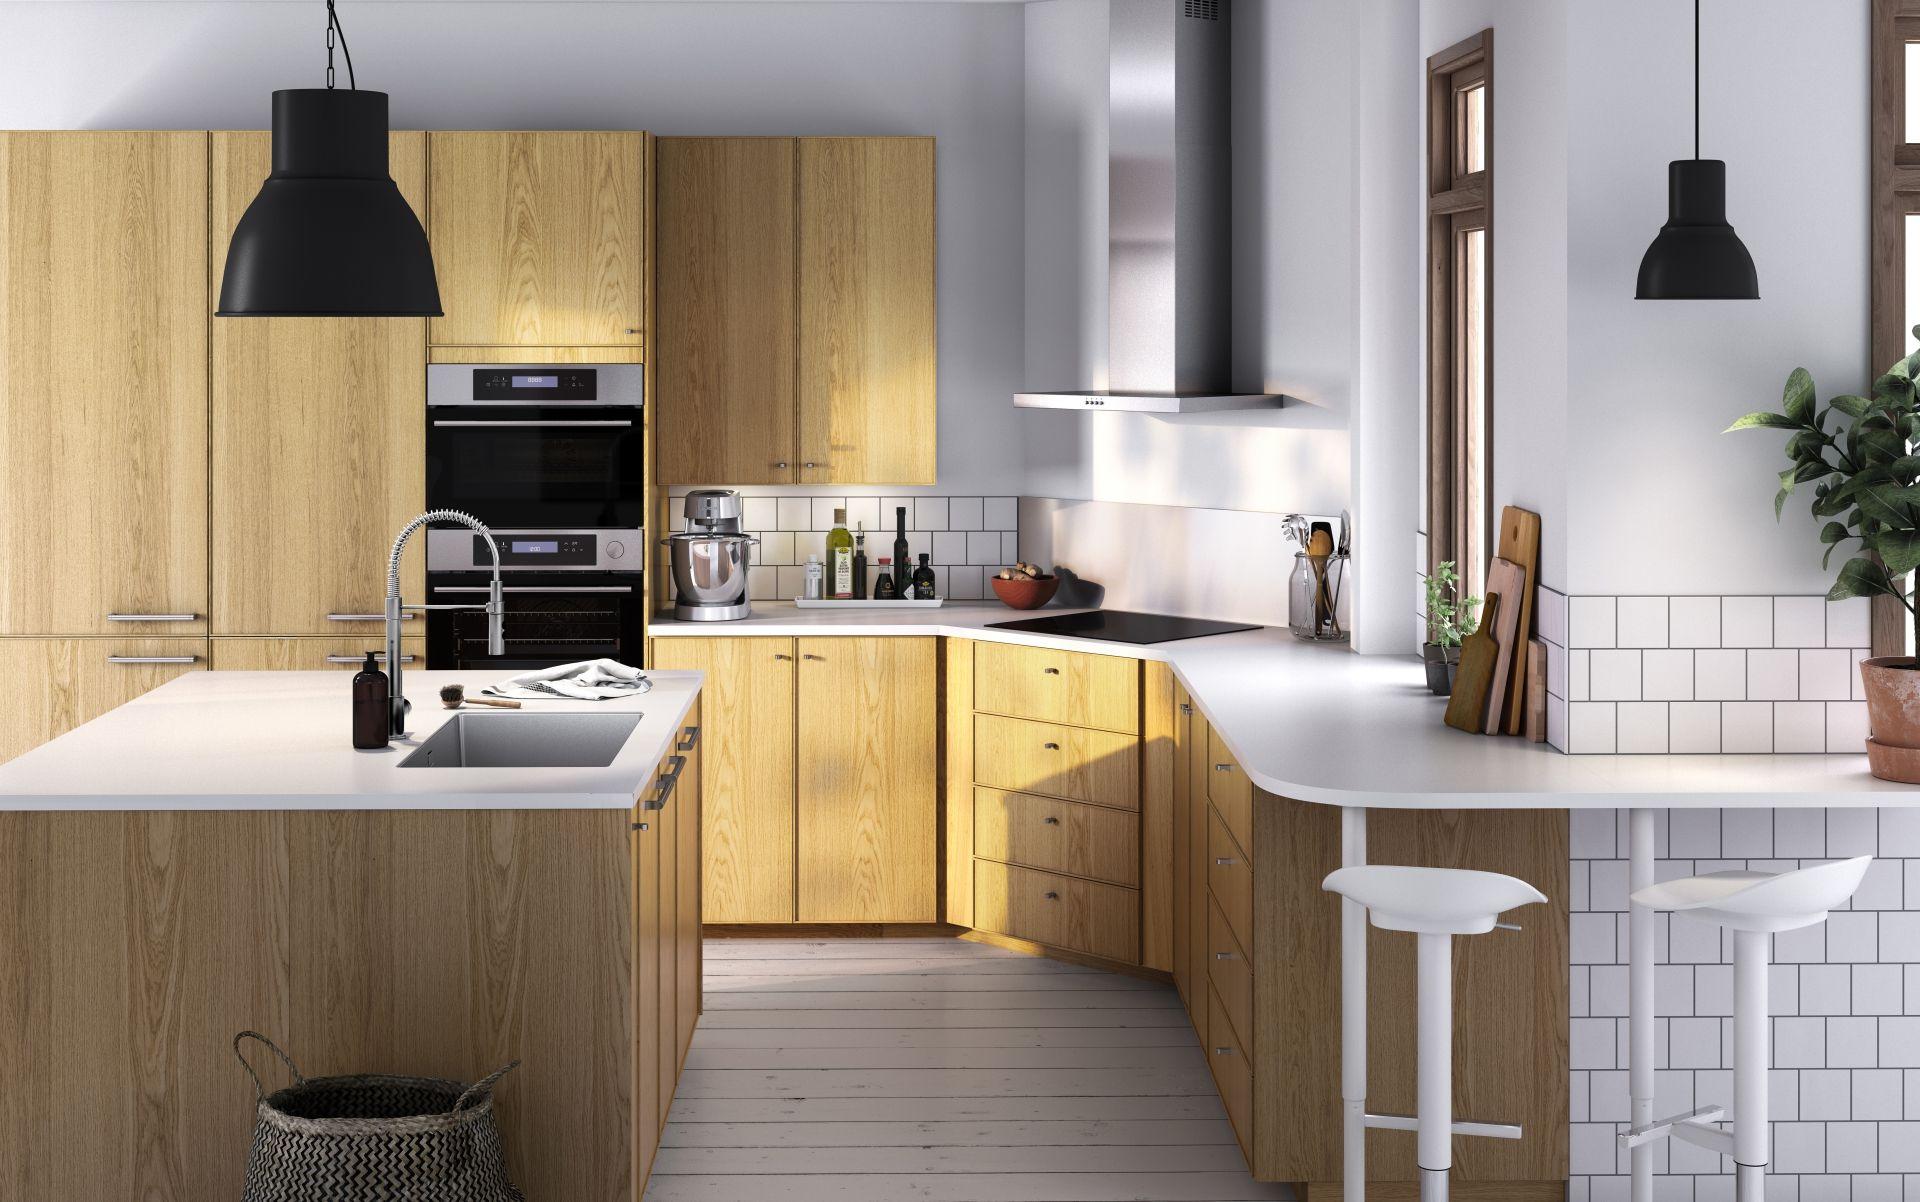 Ikea Ekestad Keuken : Metod ekestad keuken ikea ikeanl ikeanederland veelzijdig fronten